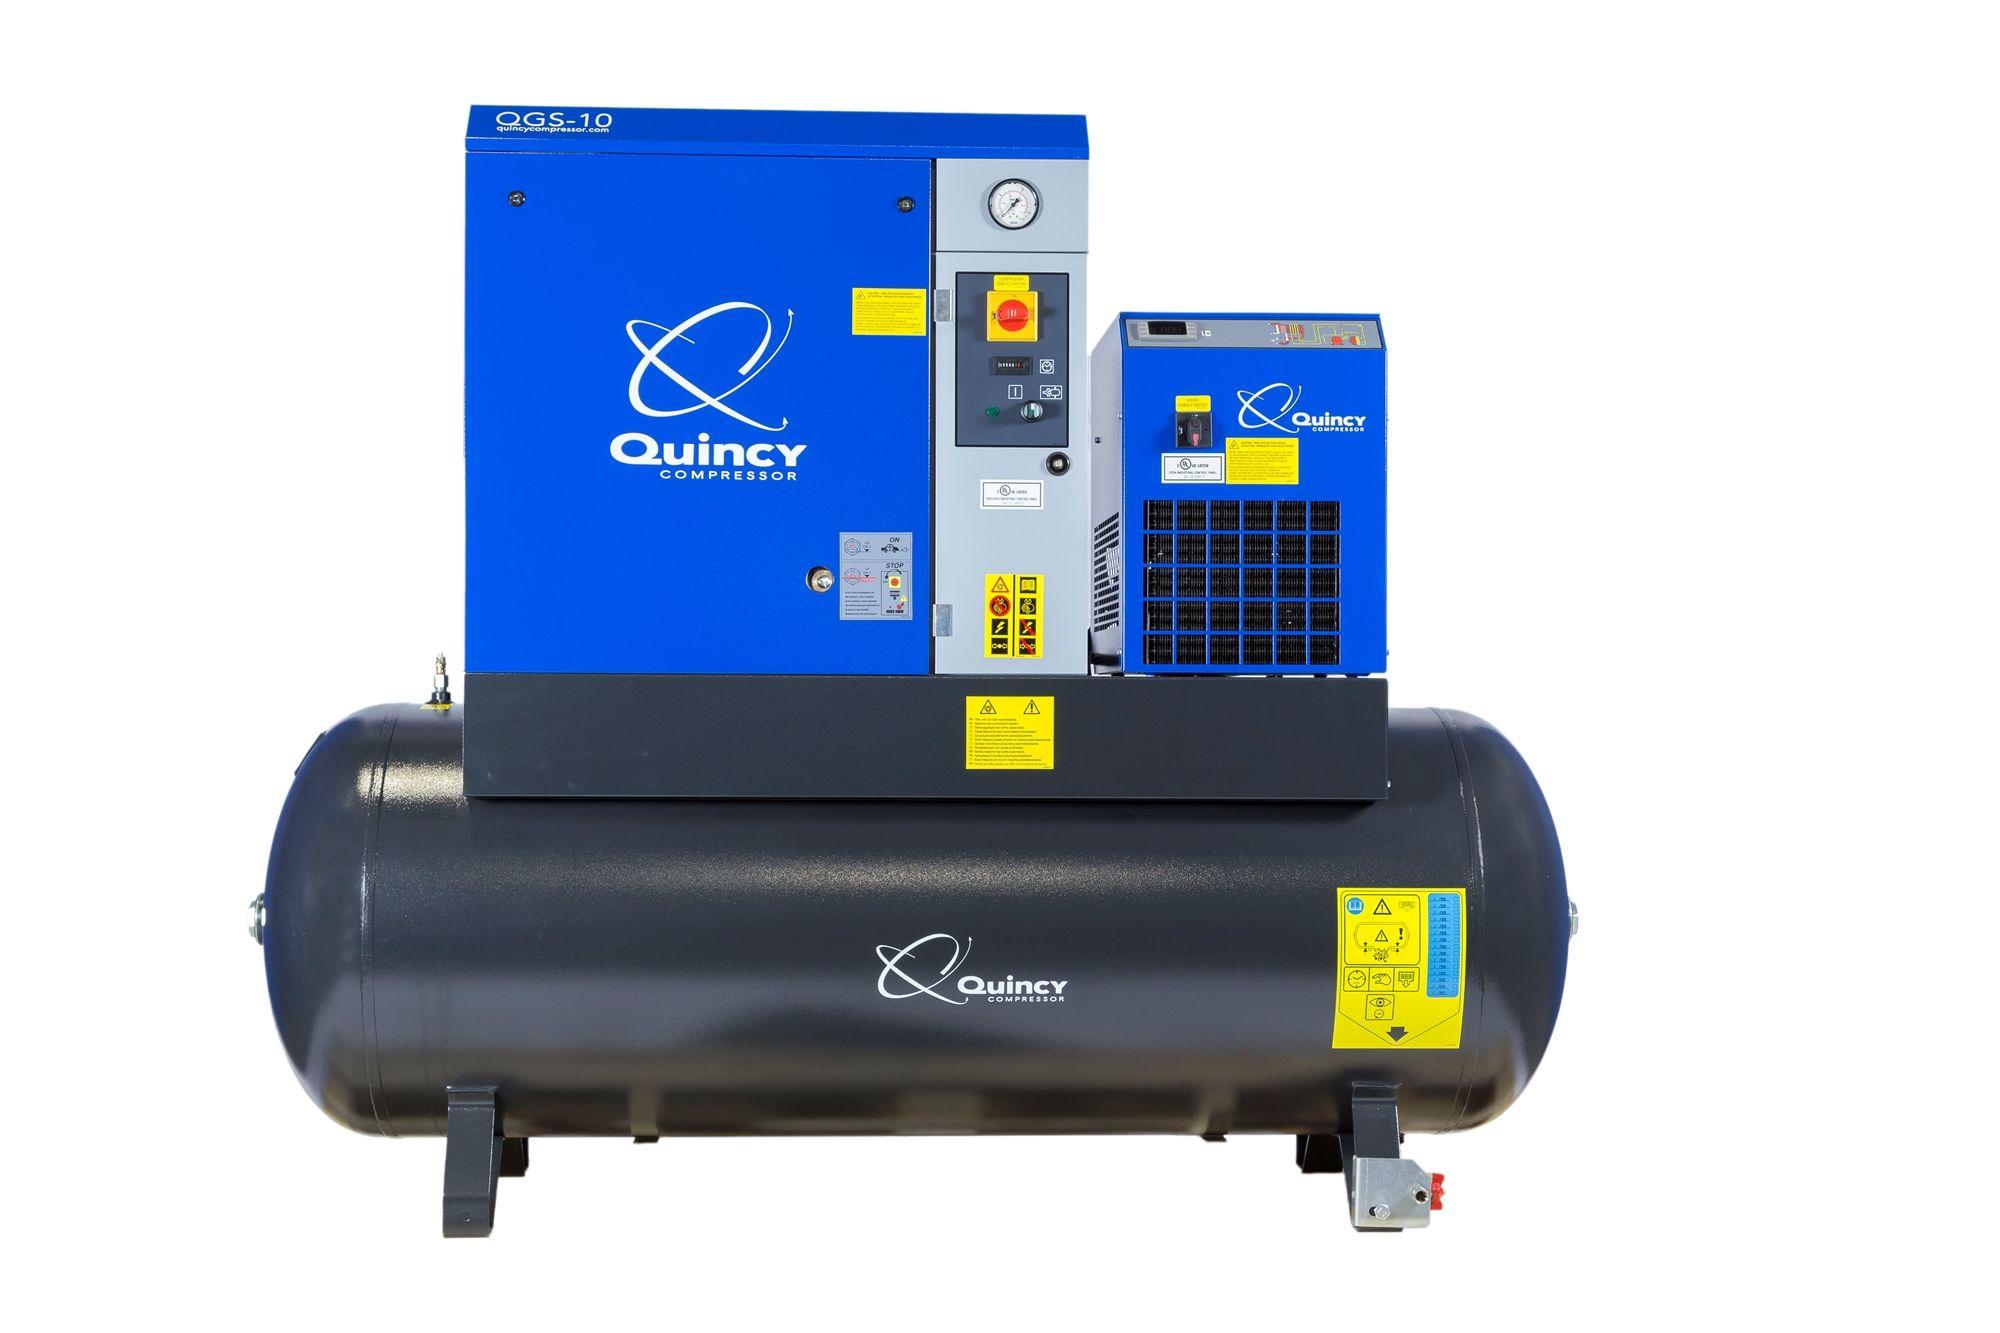 Makita 1.6 Gal. 2.5 HP High Pressure Portable Electrical